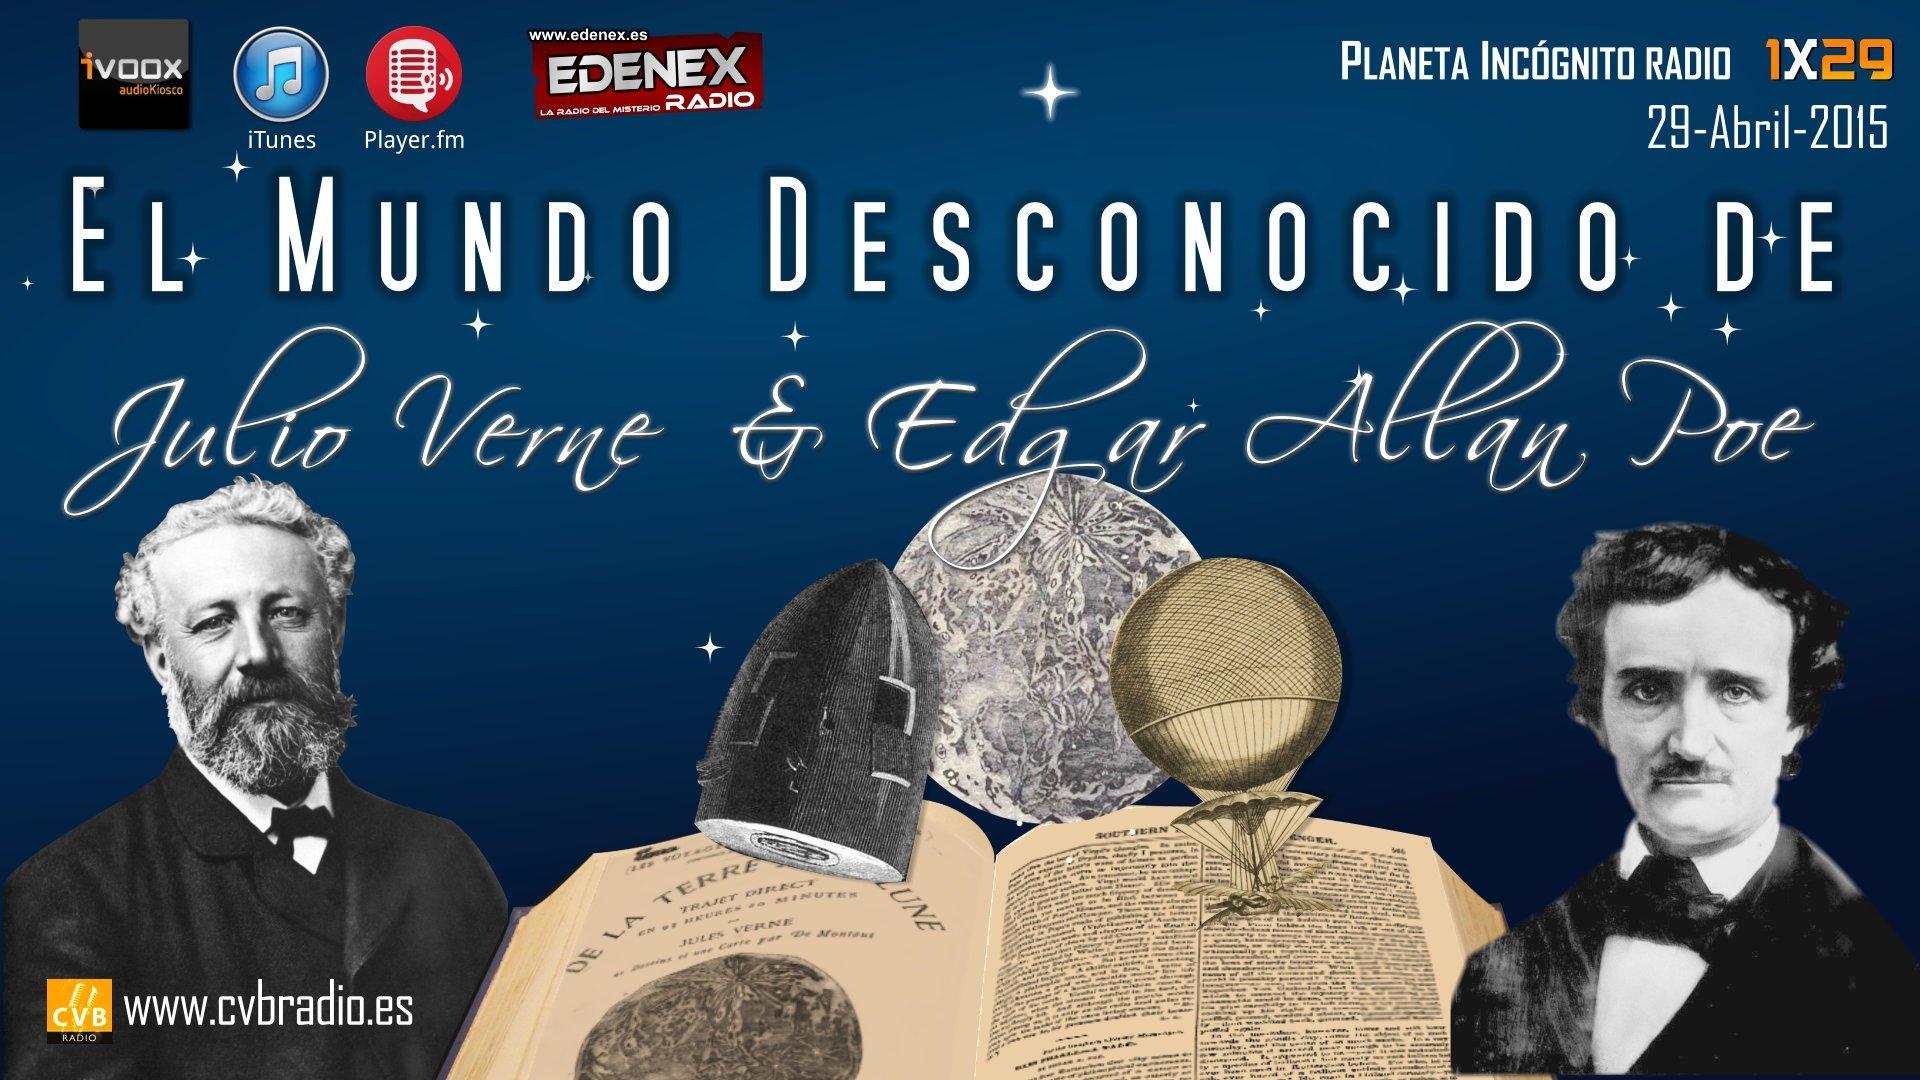 Programa 01x29  El Mundo Desconocido de Edgar Allan Poe y Julio Verne 2